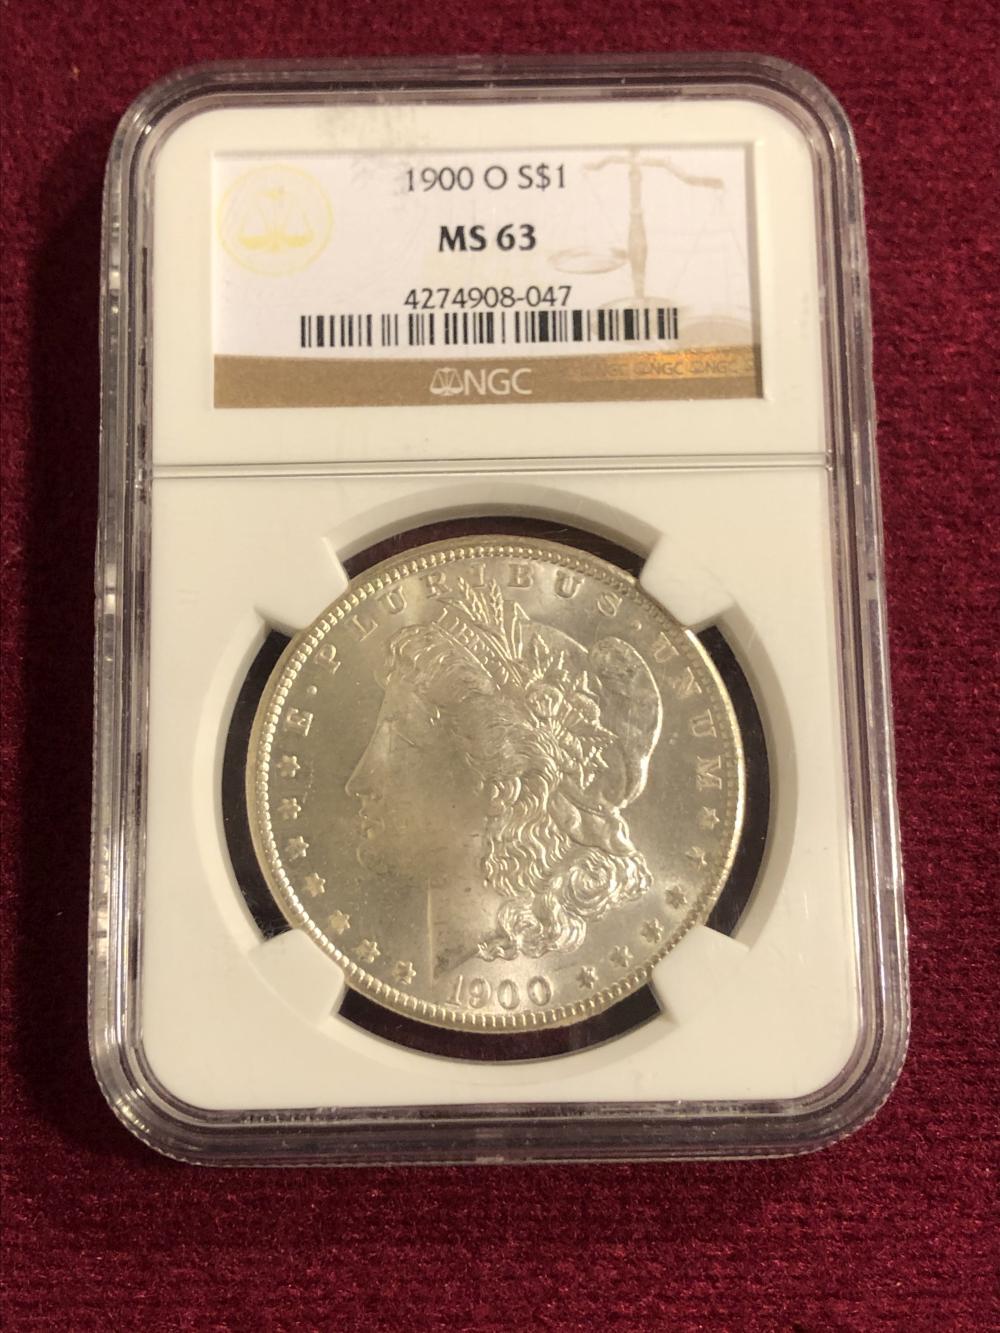 Graded 1900-O morgan silver dollar coin